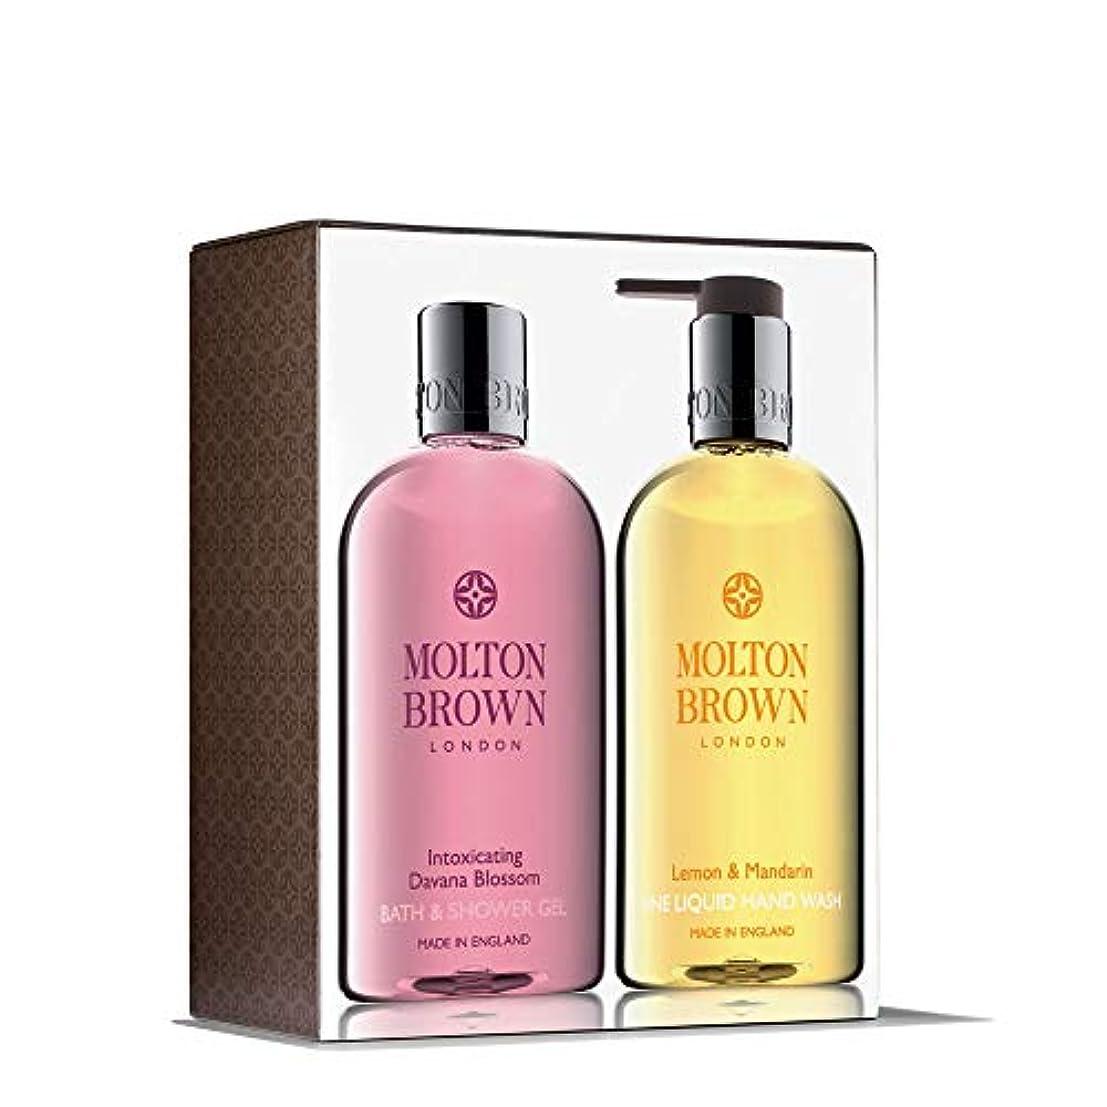 作者ネット発表するMOLTON BROWN(モルトンブラウン) ダバナブロッサム アンド レモン&マンダリン ハンド&ボディセット